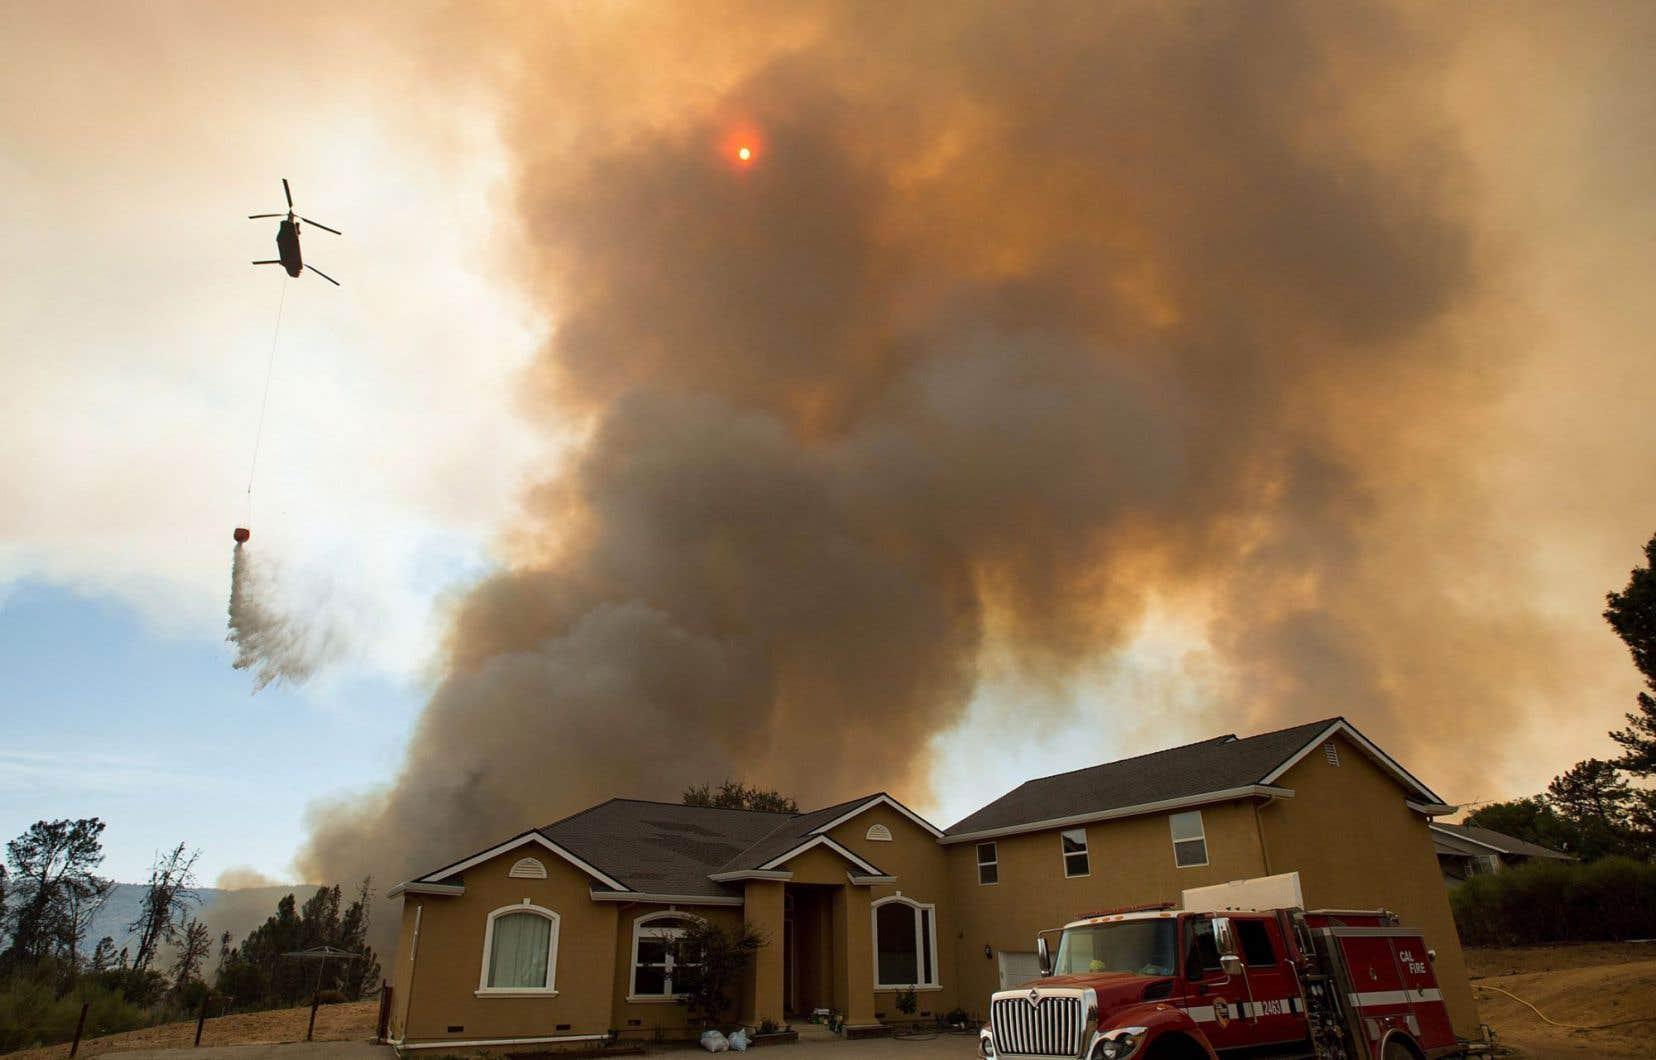 Le nombre d'incendies extrêmes s'étendant jusqu'à ces banlieues pourrait augmenter de 20 à 50% dans les prochaines décennies.